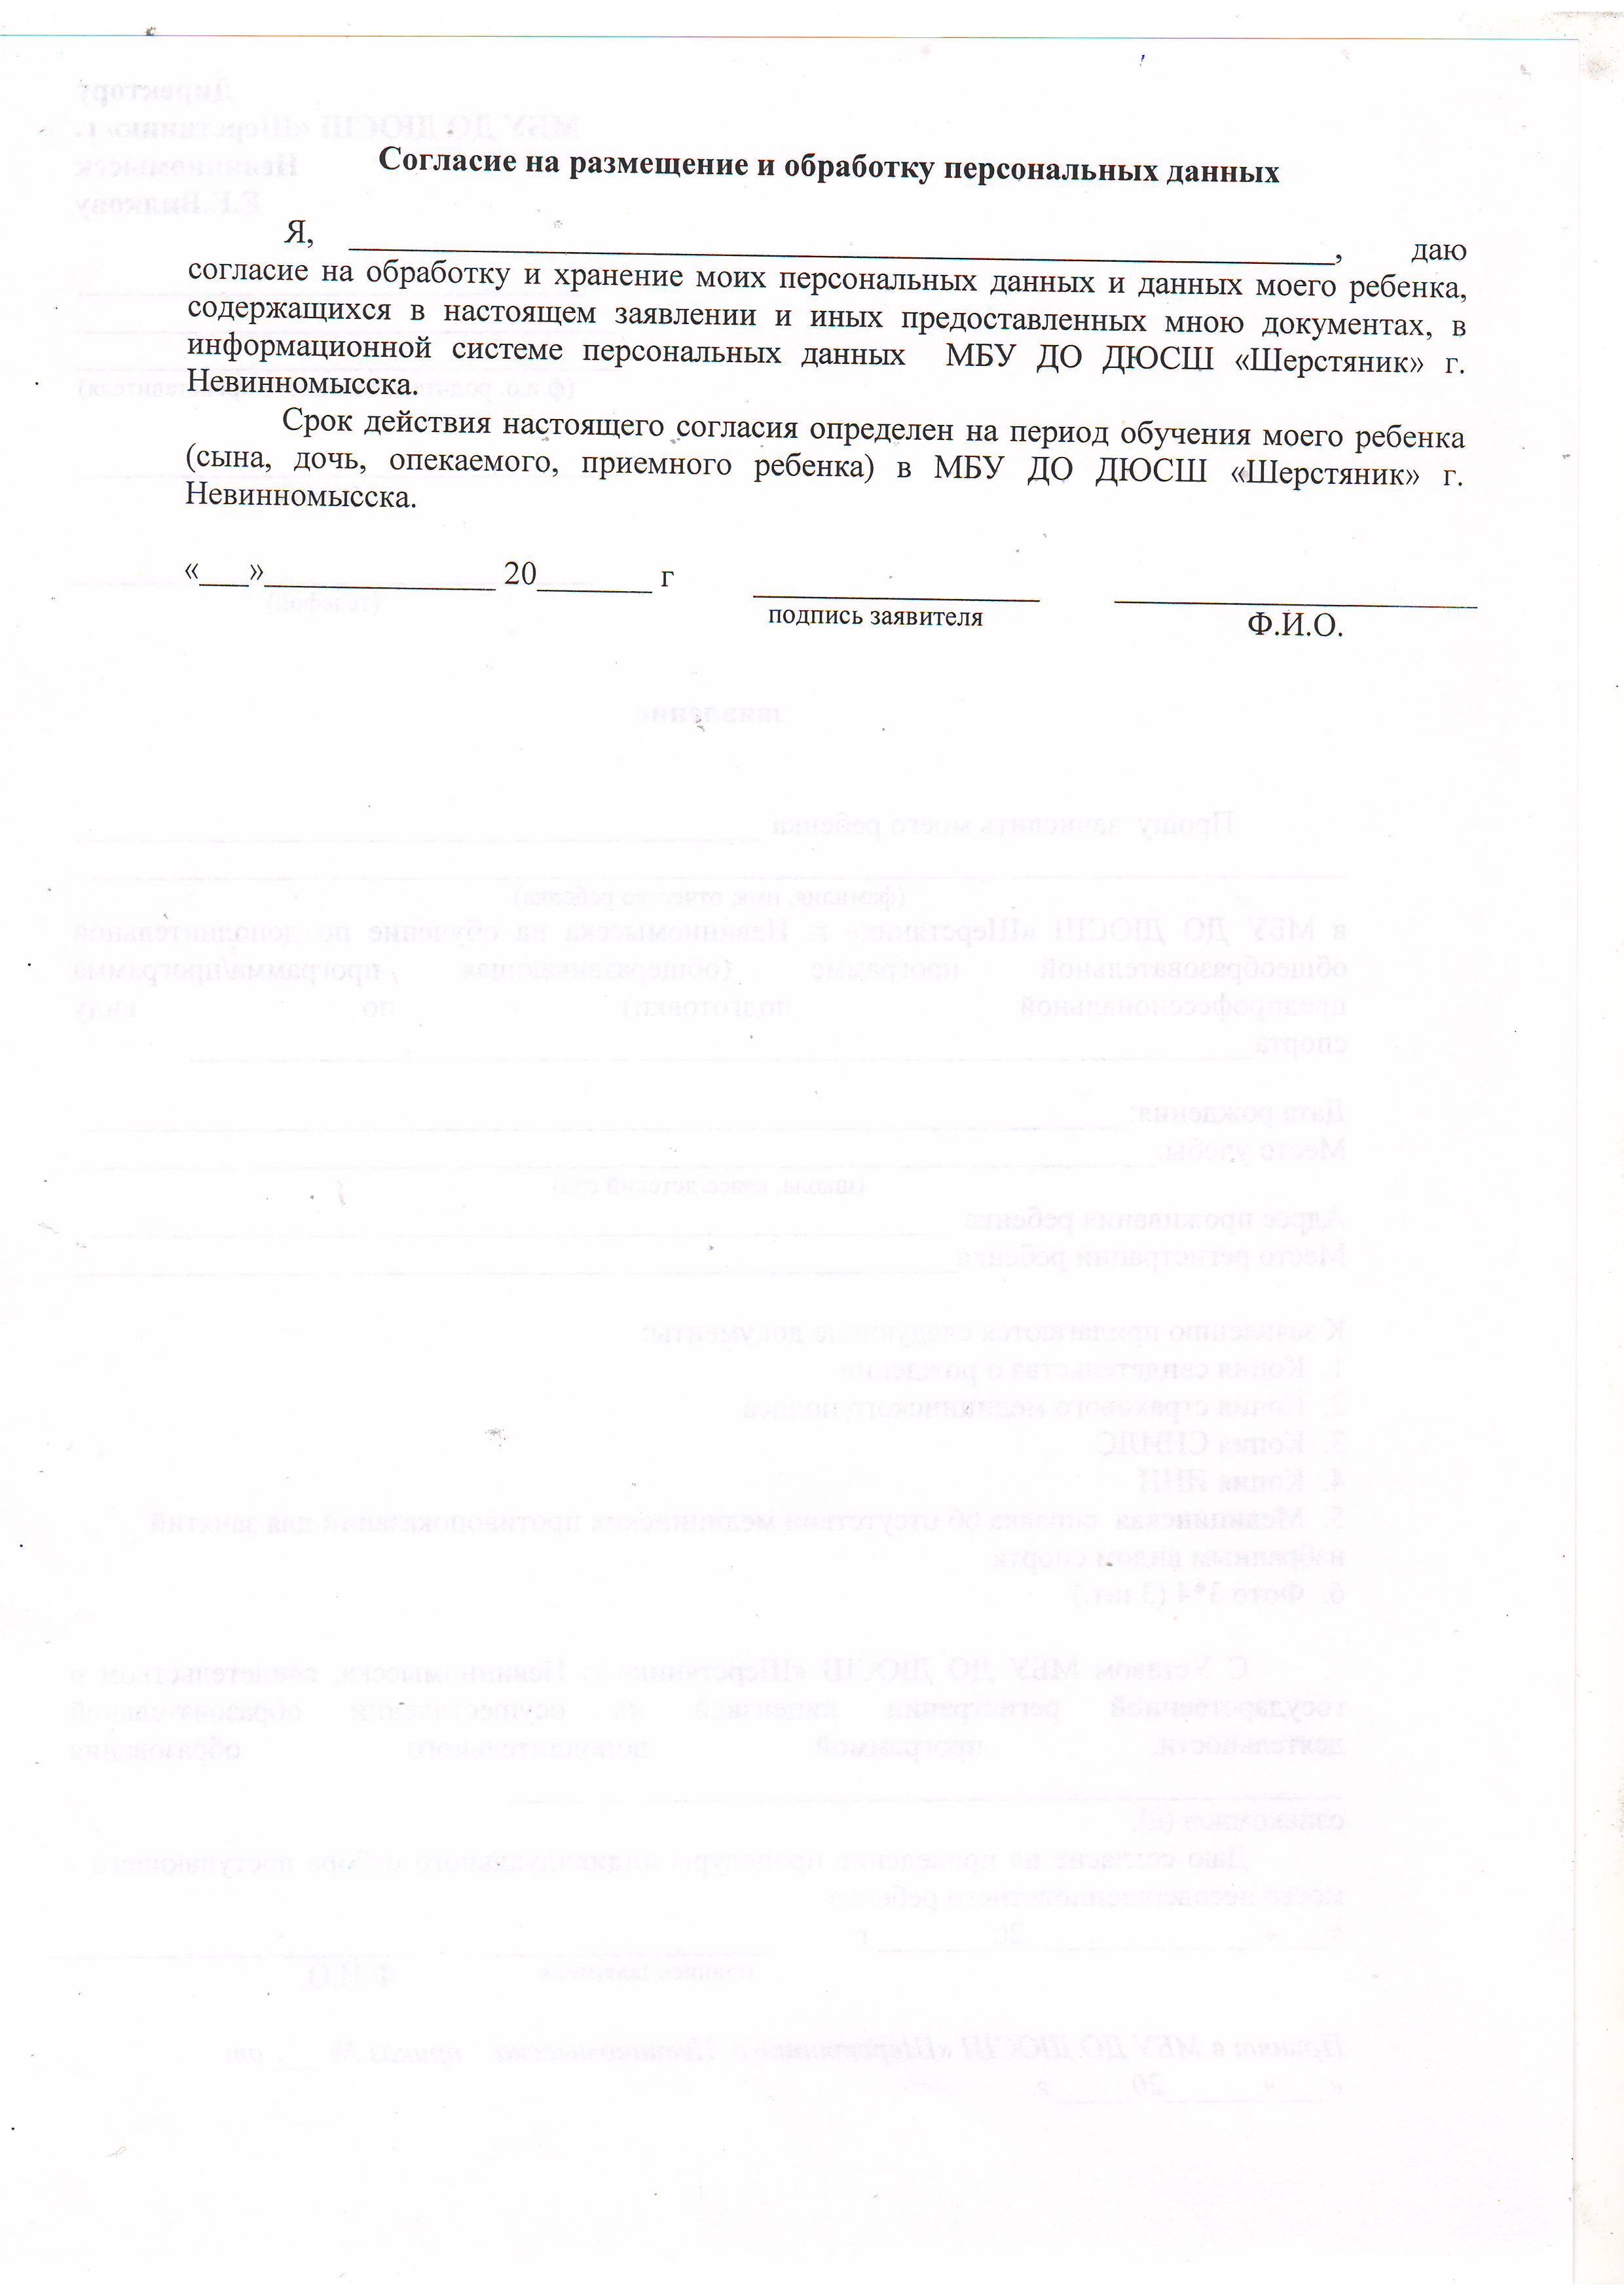 Согласие на размещение и обработку персональных данных